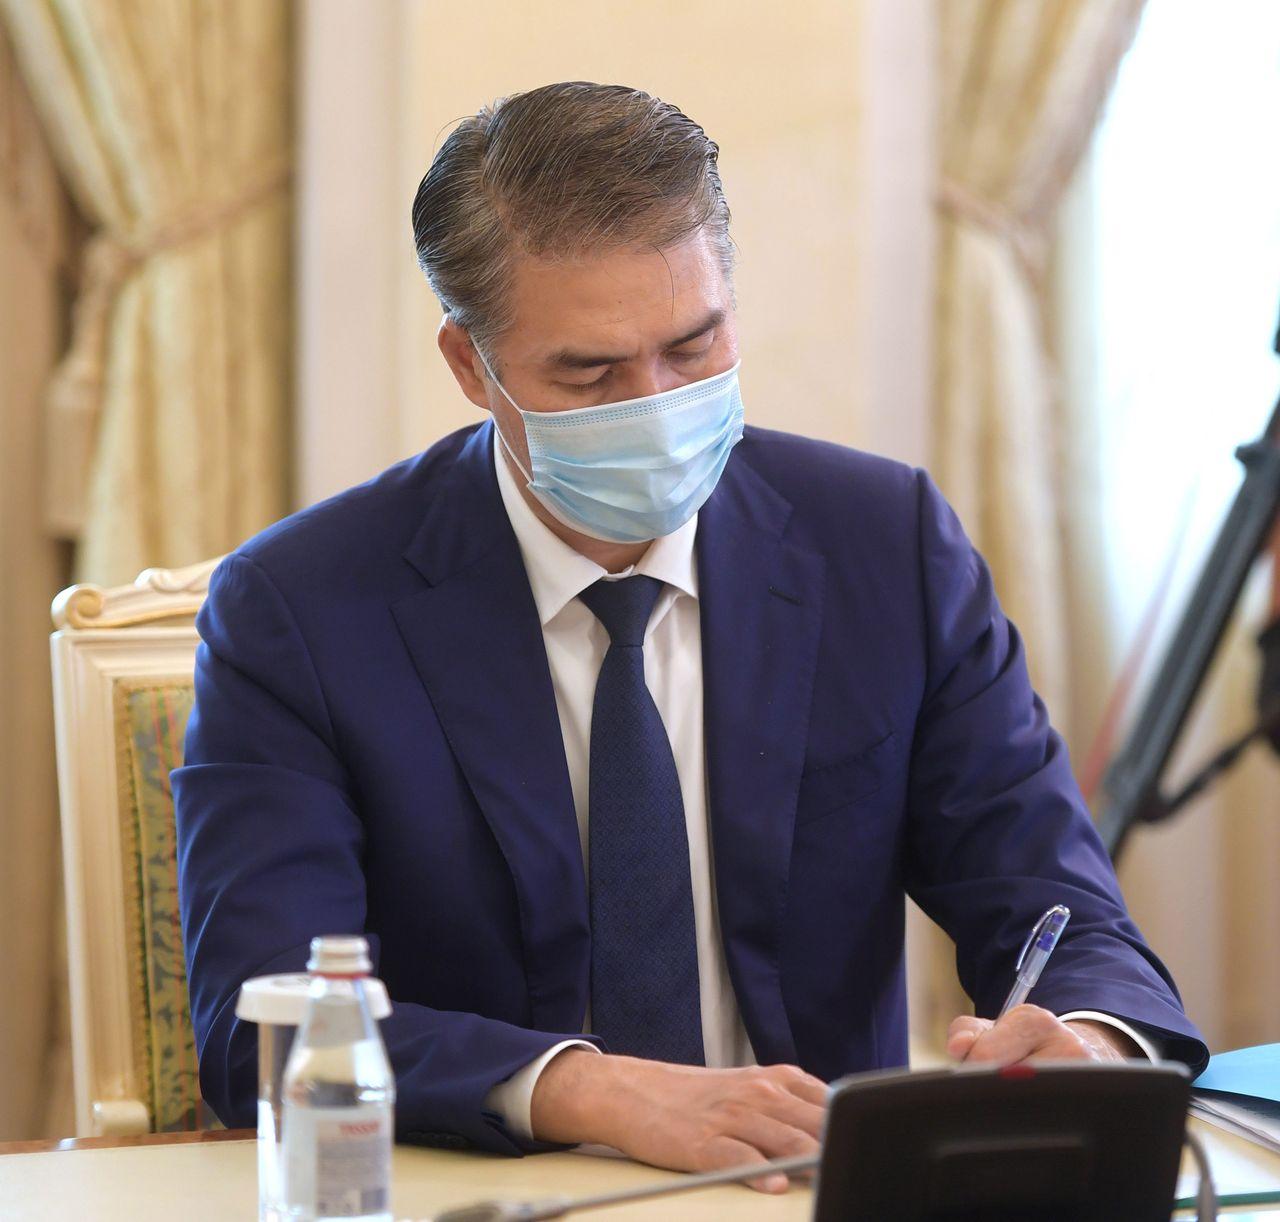 Мемлекет басшысы коронавирус індетінің таралуына қарсы күрес шаралары жөнінде кеңес өткізді